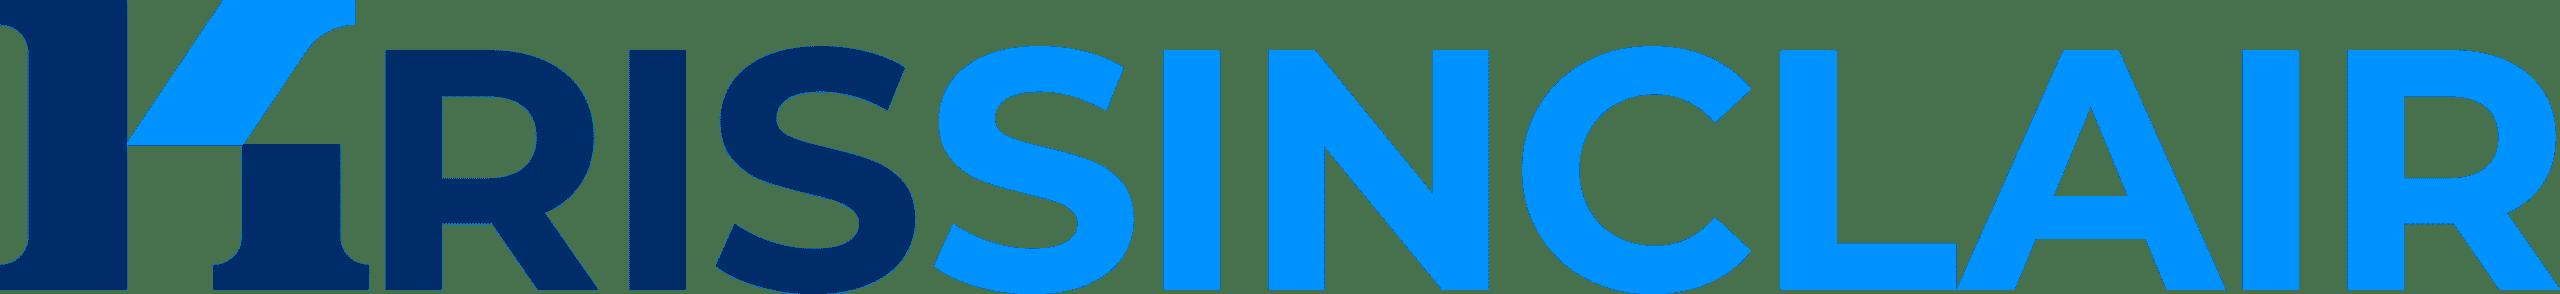 Logo 2 Transparent PNG